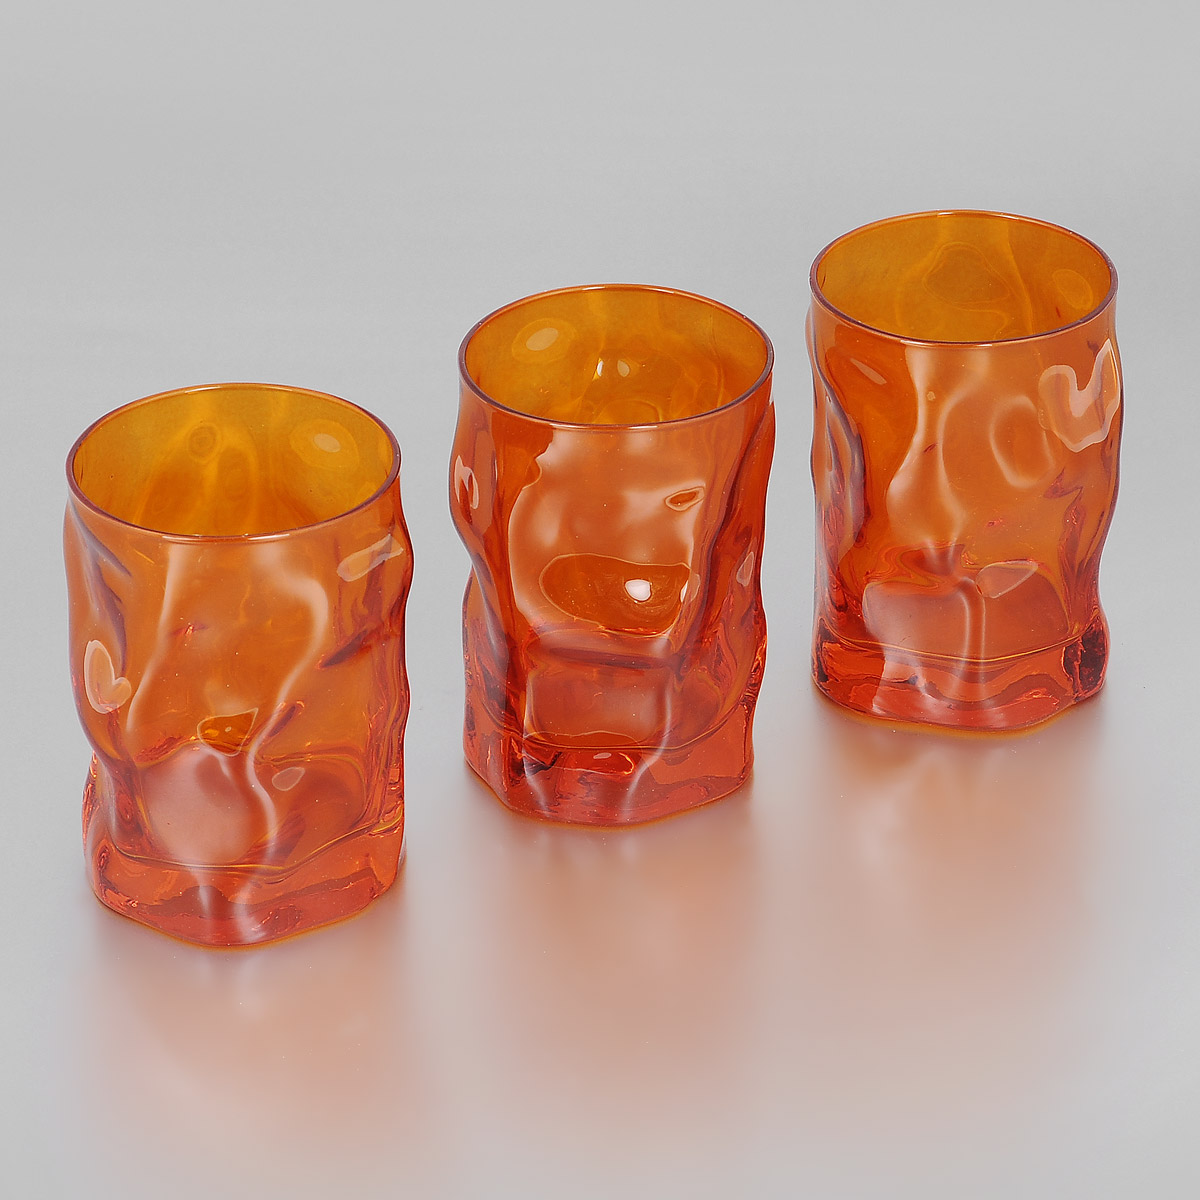 Набор стаканов Bormioli Rocco Sorgente Multicolor, цвет: оранжевый, 300 мл, 3 шт340420Q04021590Набор Bormioli Rocco Sorgente Multicolor, выполненный из стекла, состоит из 3 низких стаканов. Стаканы предназначены для подачи холодных напитков. Изделия имеют оригинальный дизайн и толстое дно. Благодаря такому набору пить напитки будет еще вкуснее.Стаканы Bormioli Rocco Sorgente Multicolor станут идеальным украшением праздничного стола и отличным подарком к любому празднику. С 1825 года компания Bormioli Rocco производит высококачественную посуду из стекла. На сегодняшний день это мировой лидер на рынке производства стеклянных изделий. Ассортимент, предлагаемый Bormioli Rocco необычайно широк - это бокалы, фужеры, рюмки, графины, кувшины, банки для сыпучих продуктов и консервирования, тарелки, салатники, чашки, контейнеры различных емкостей, предназначенные для хранения продуктов в холодильниках и морозильных камерах и т.д. Стекло сочетает в себе передовые технологии и традиционно высокое качество.